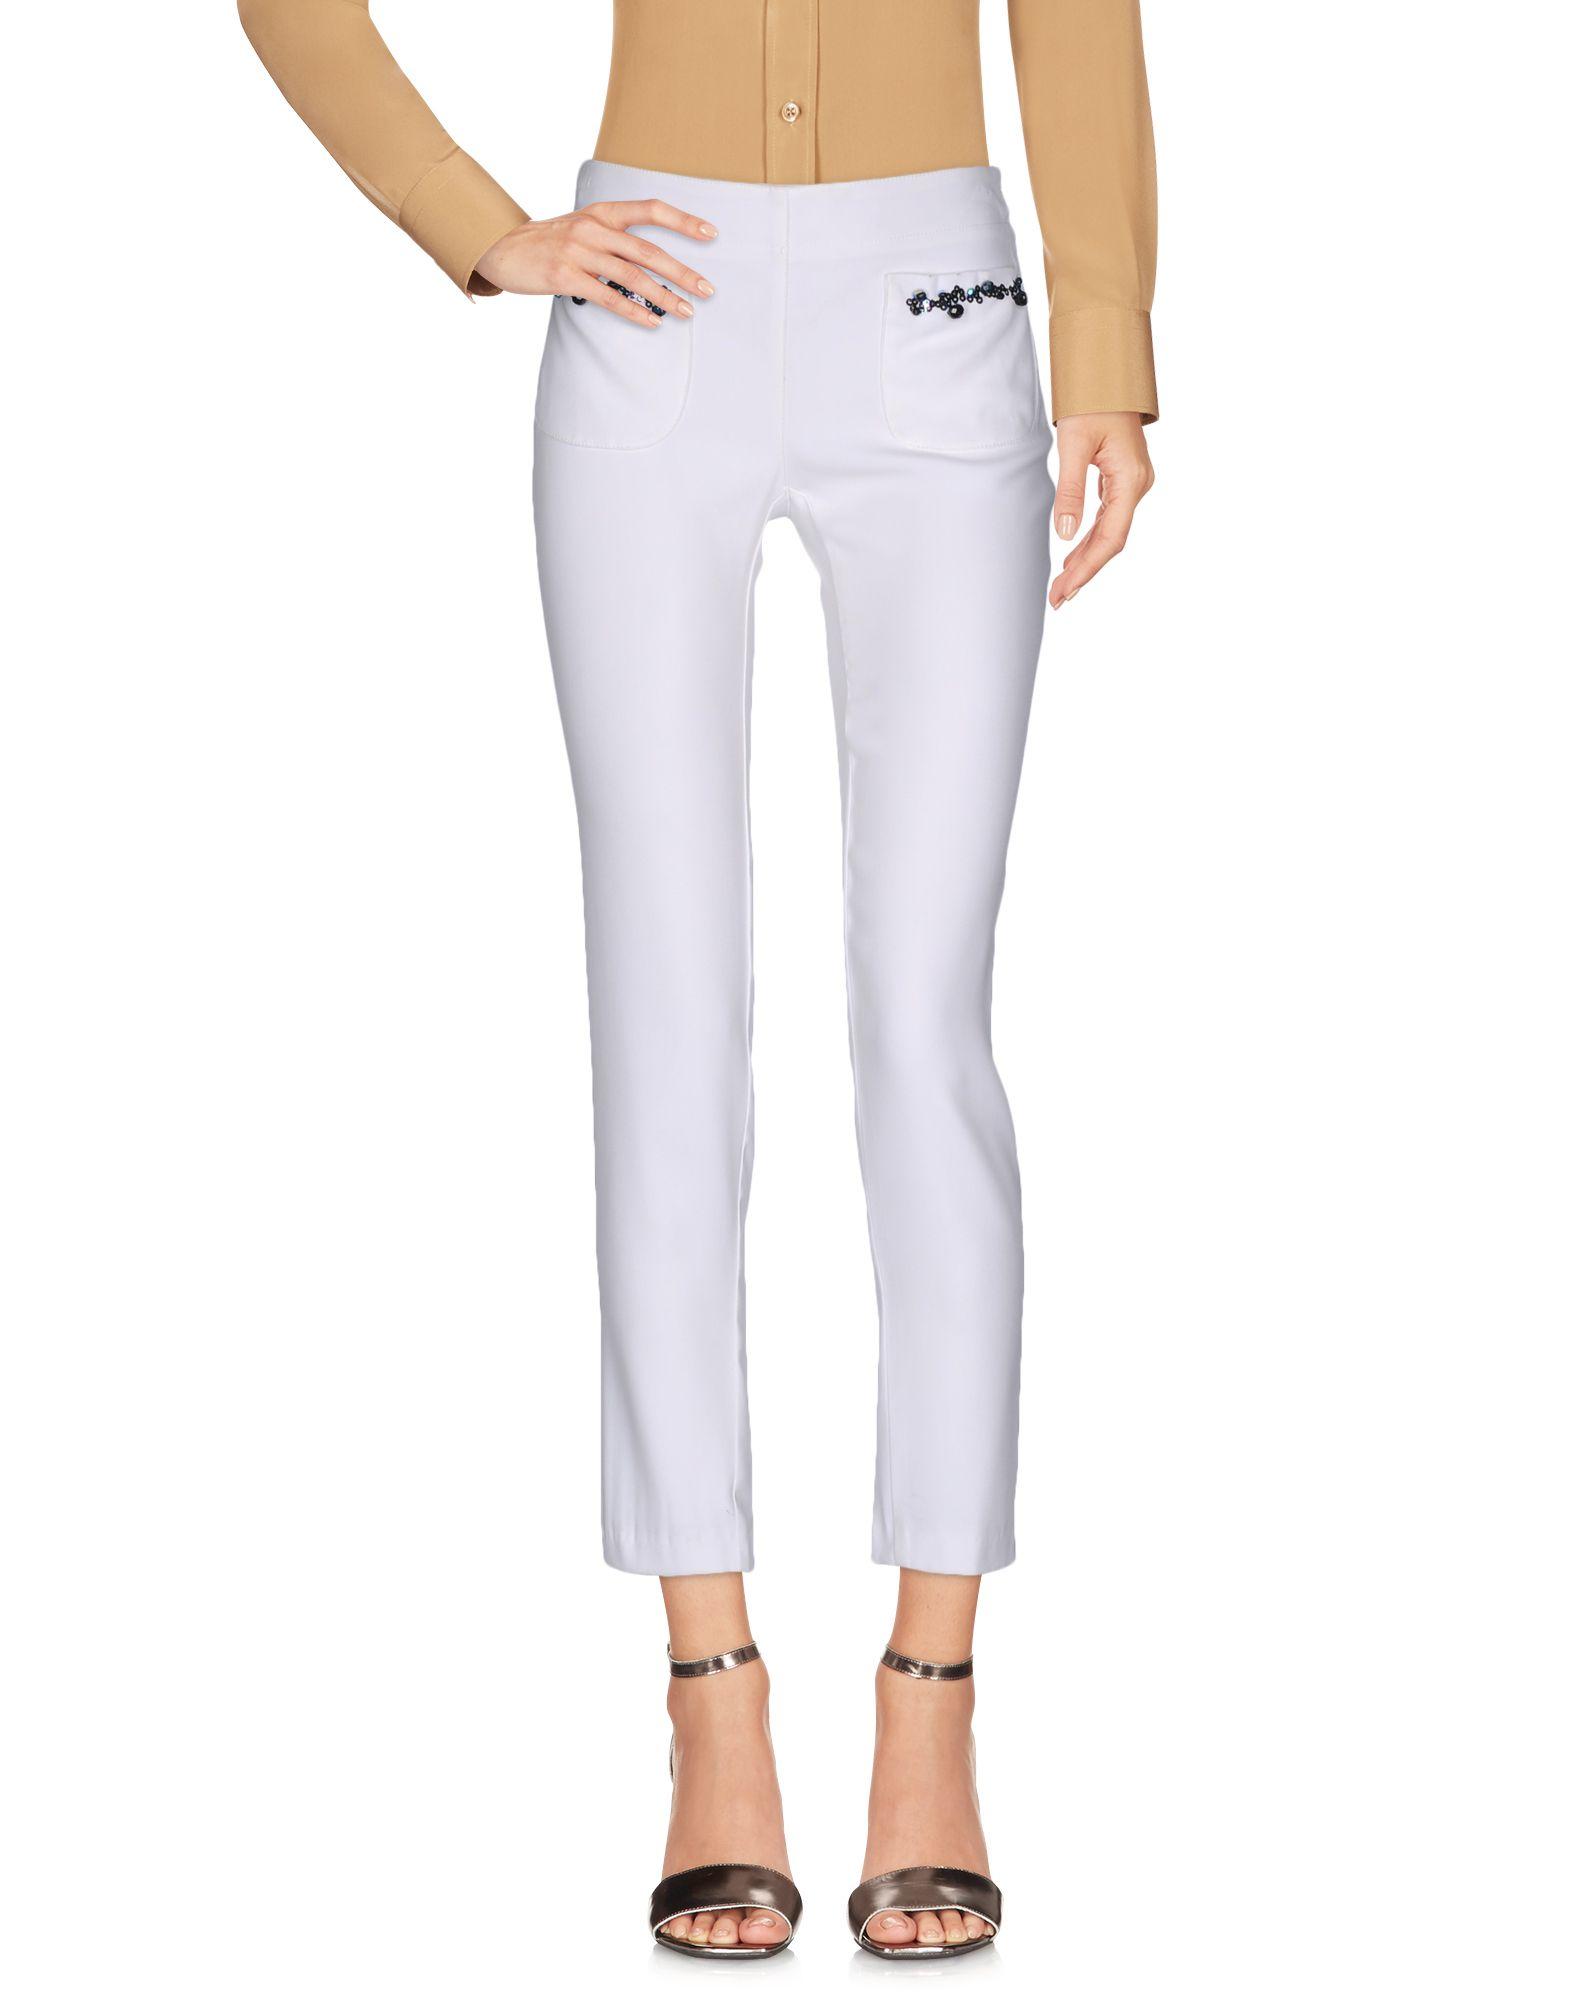 Pantalone Atos Lombardini Donna - Acquista online su 6XBbS